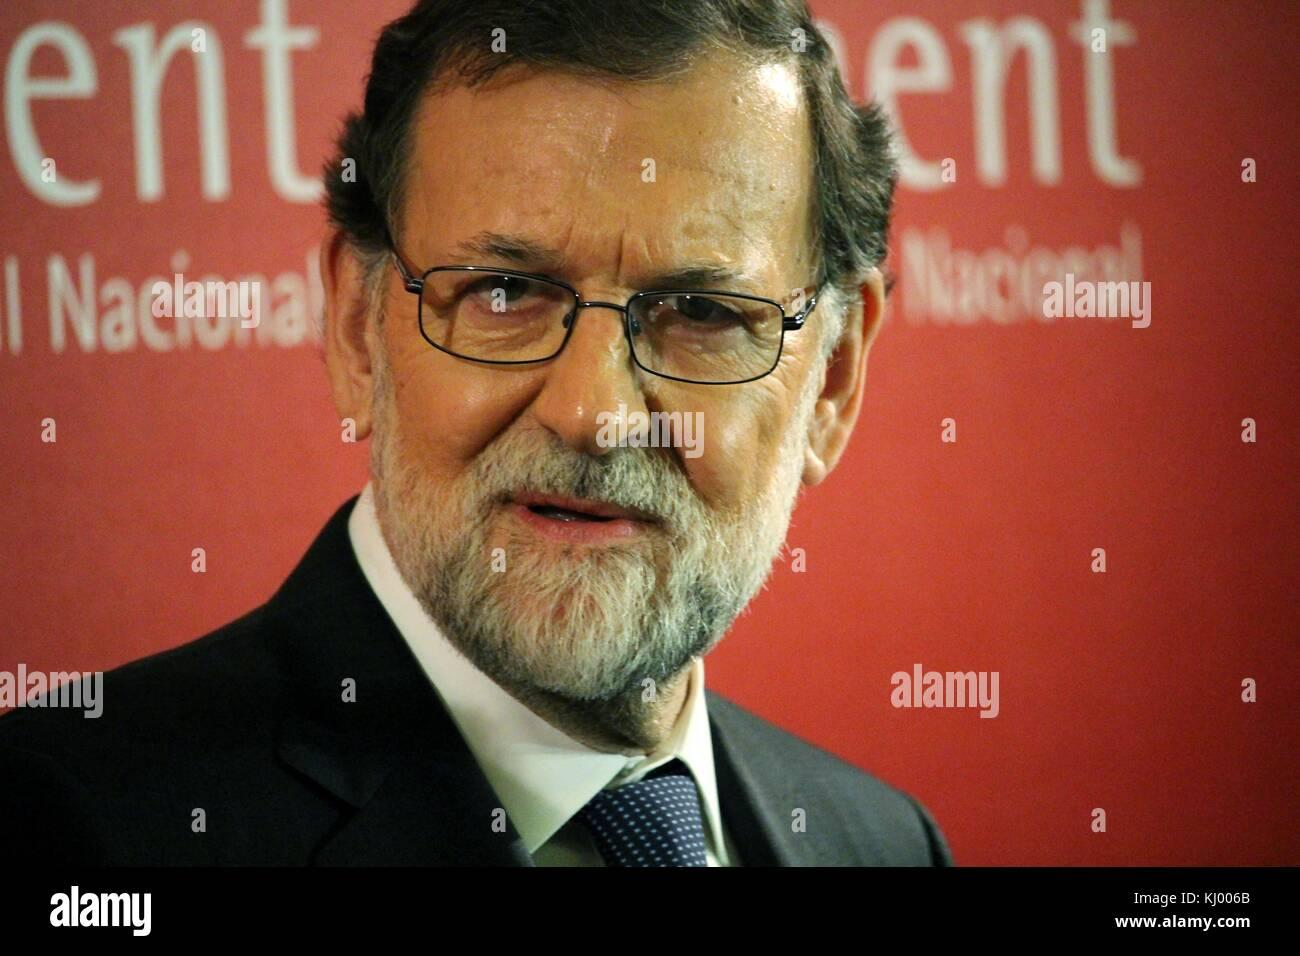 Barcelona, Spain - November 22, 2017: Spanish premier Mariano Rajoy attending the Carles Ferrer Salat Prize in Barcelona. Stock Photo